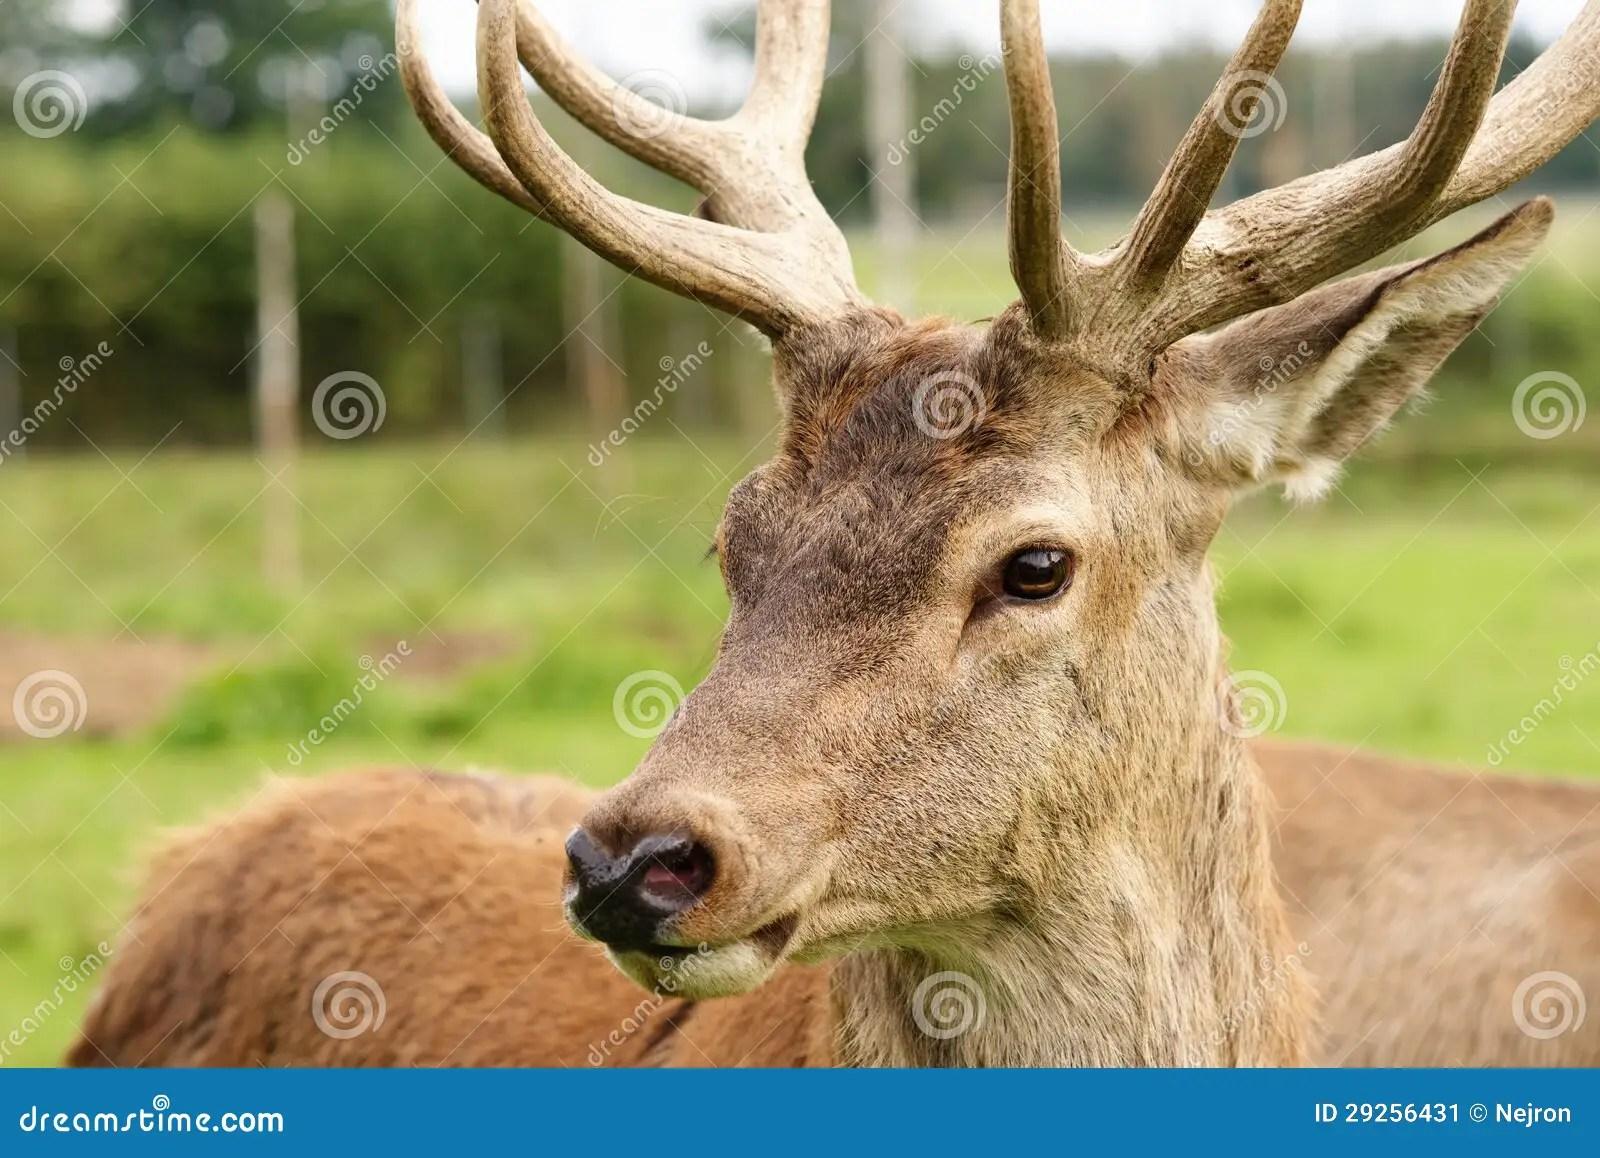 Deer In Natural Habitat Stock Image Image Of Careful